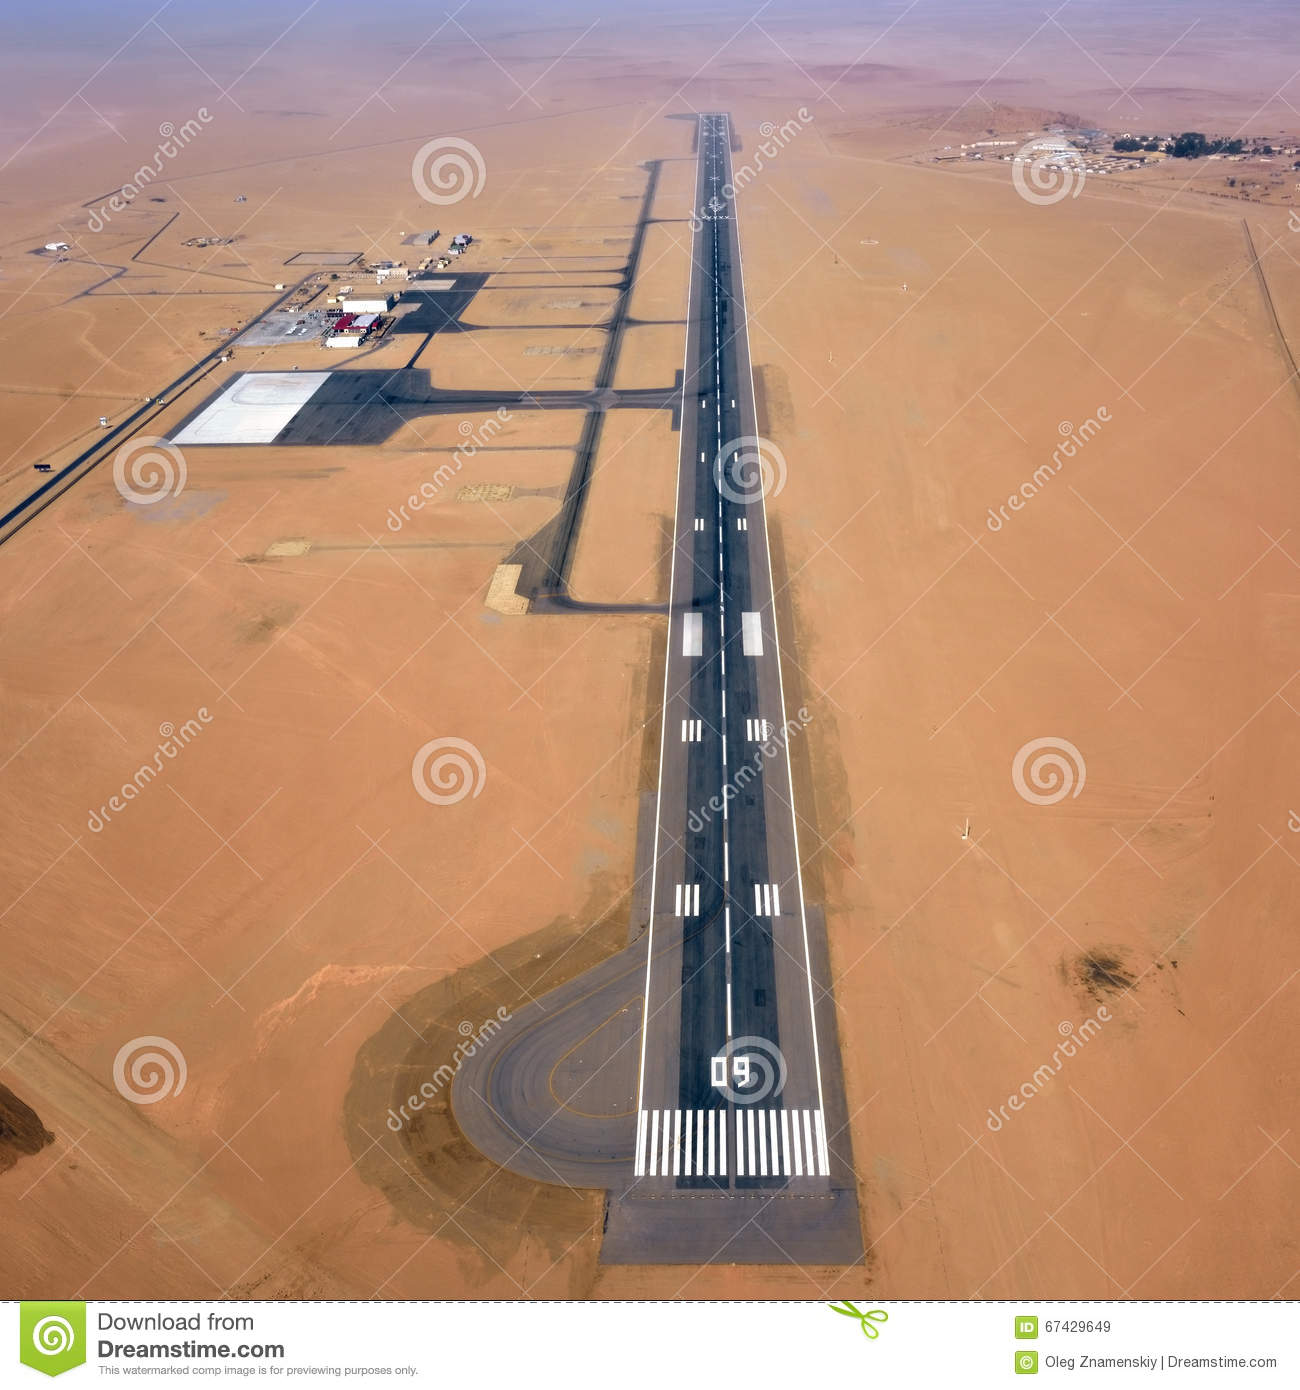 Airport In Namib Desert Stock Photo.